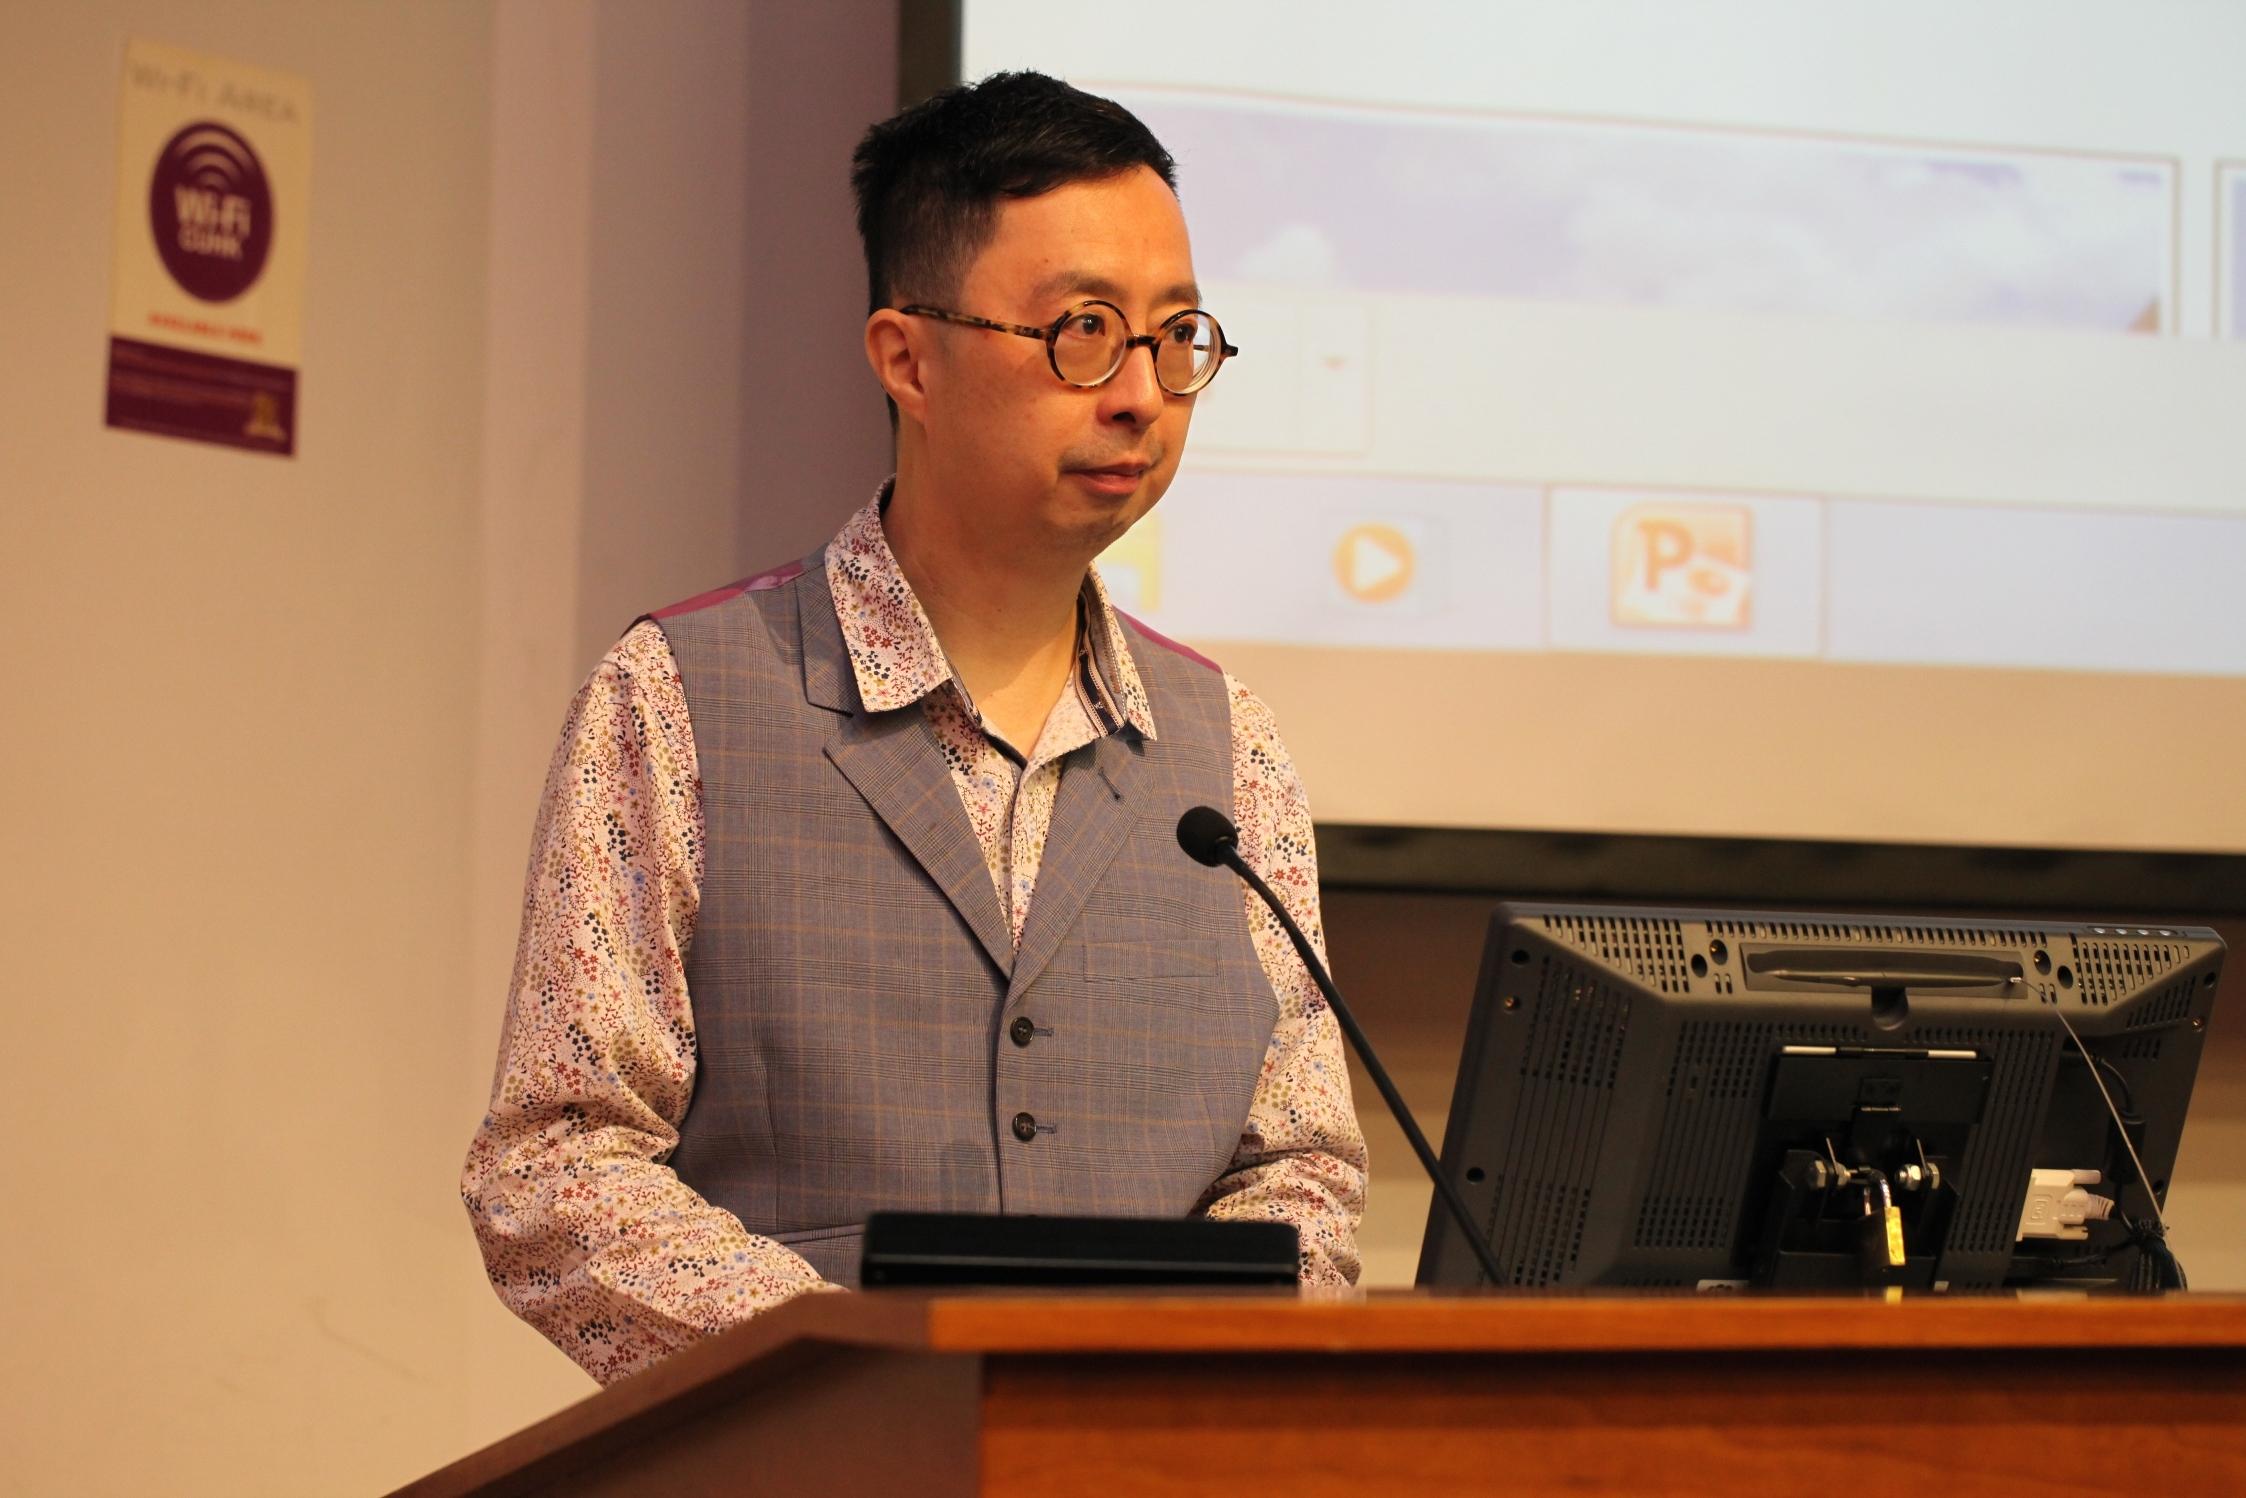 中大文化研究中心主任林松輝教授致歡迎辭。